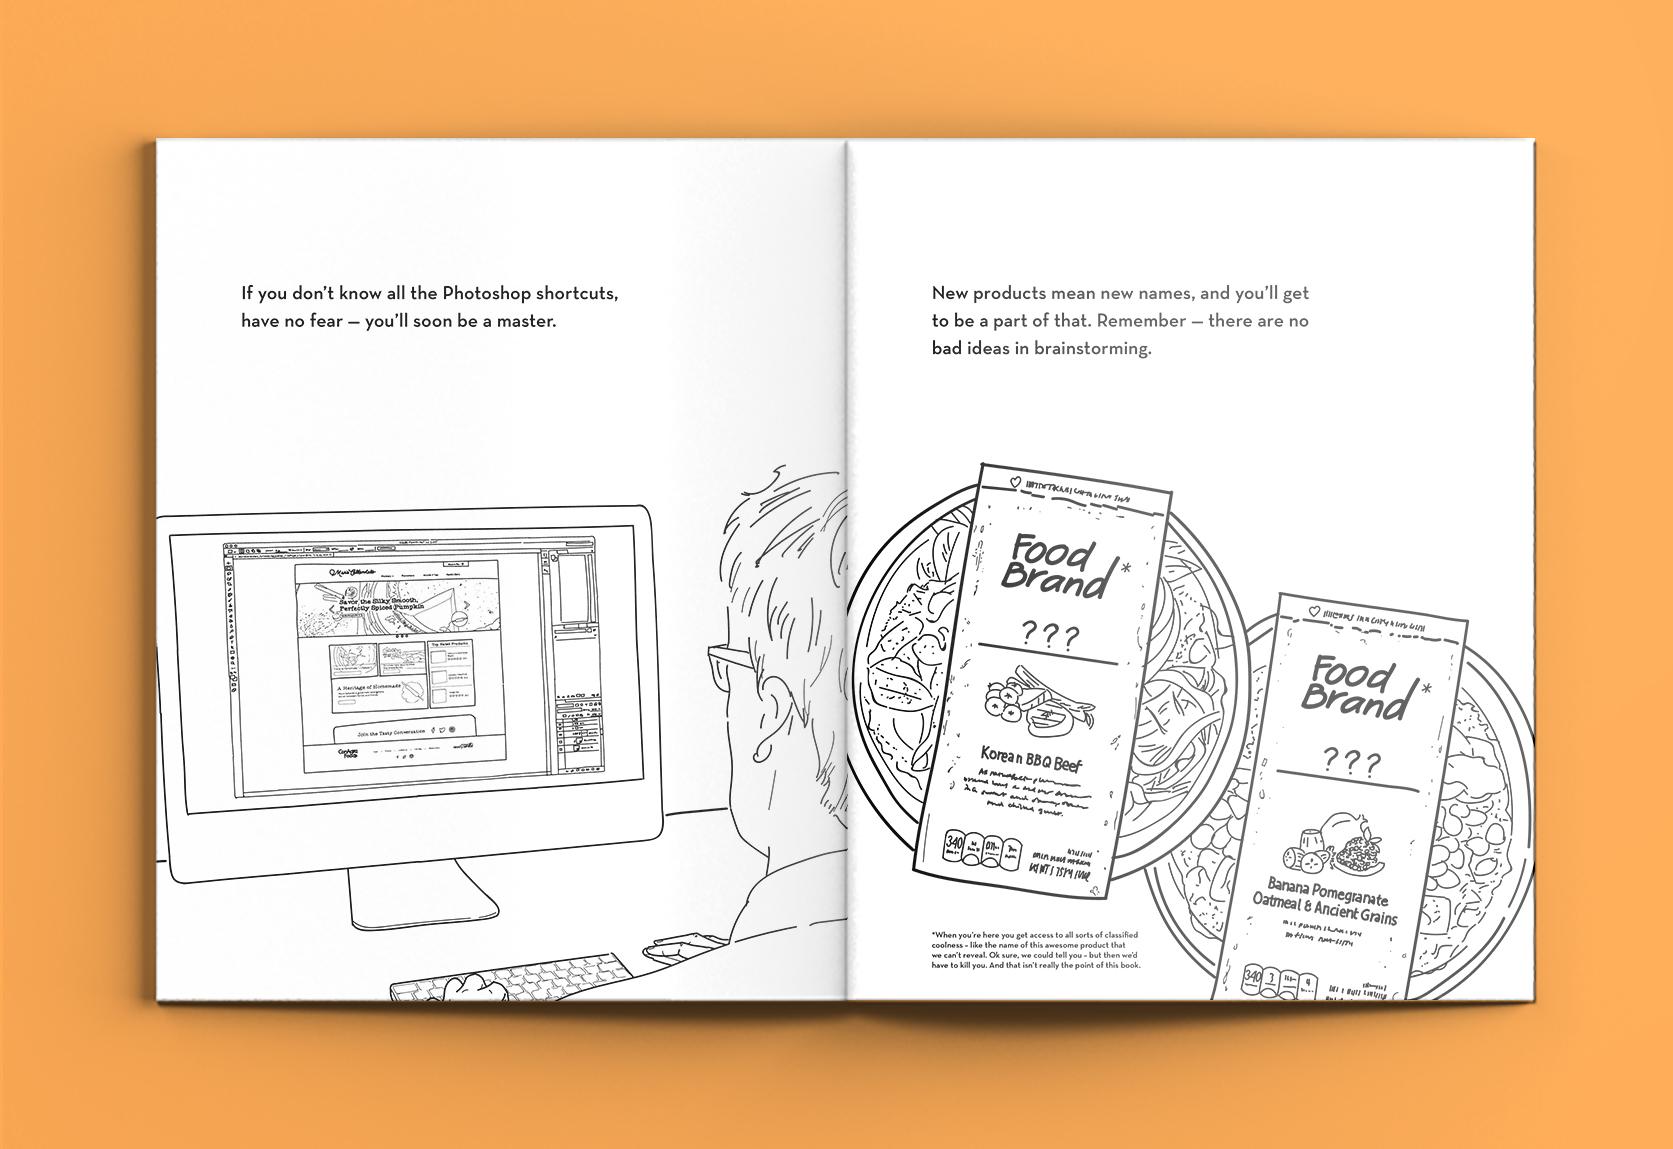 ColoringBookPage4.jpg